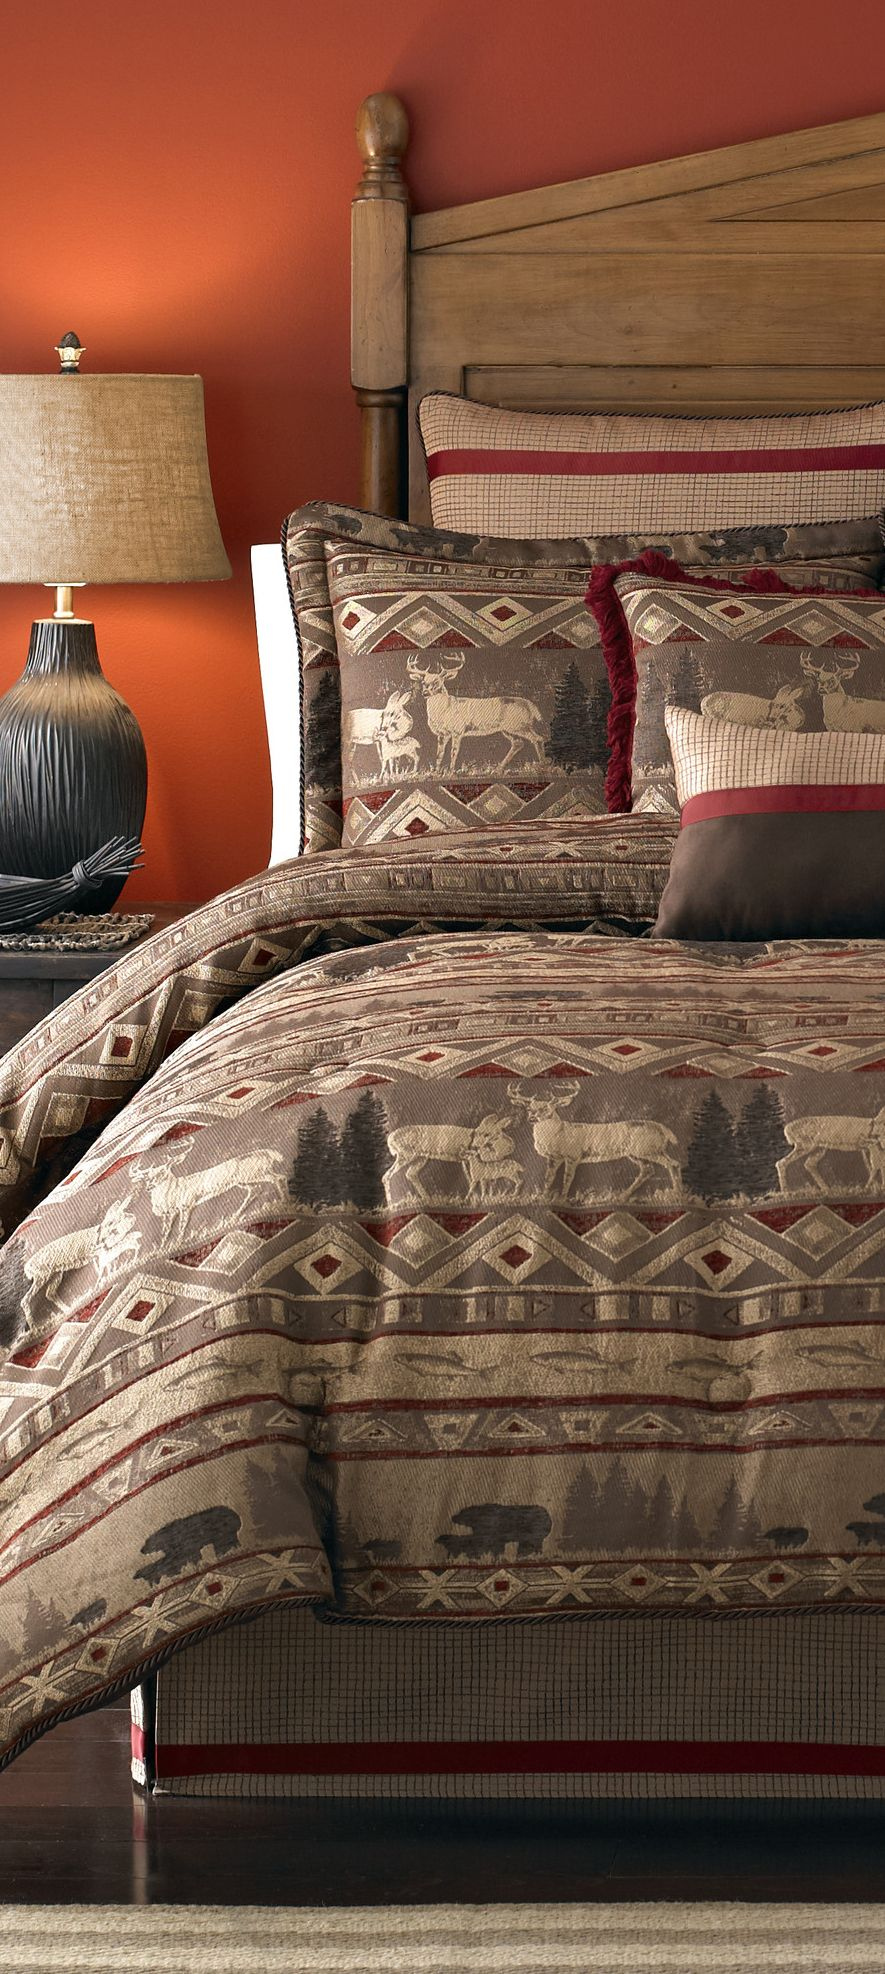 Rustic Bedding Sets For 2020 Cabin Bedding Sets Cabin Bedroom